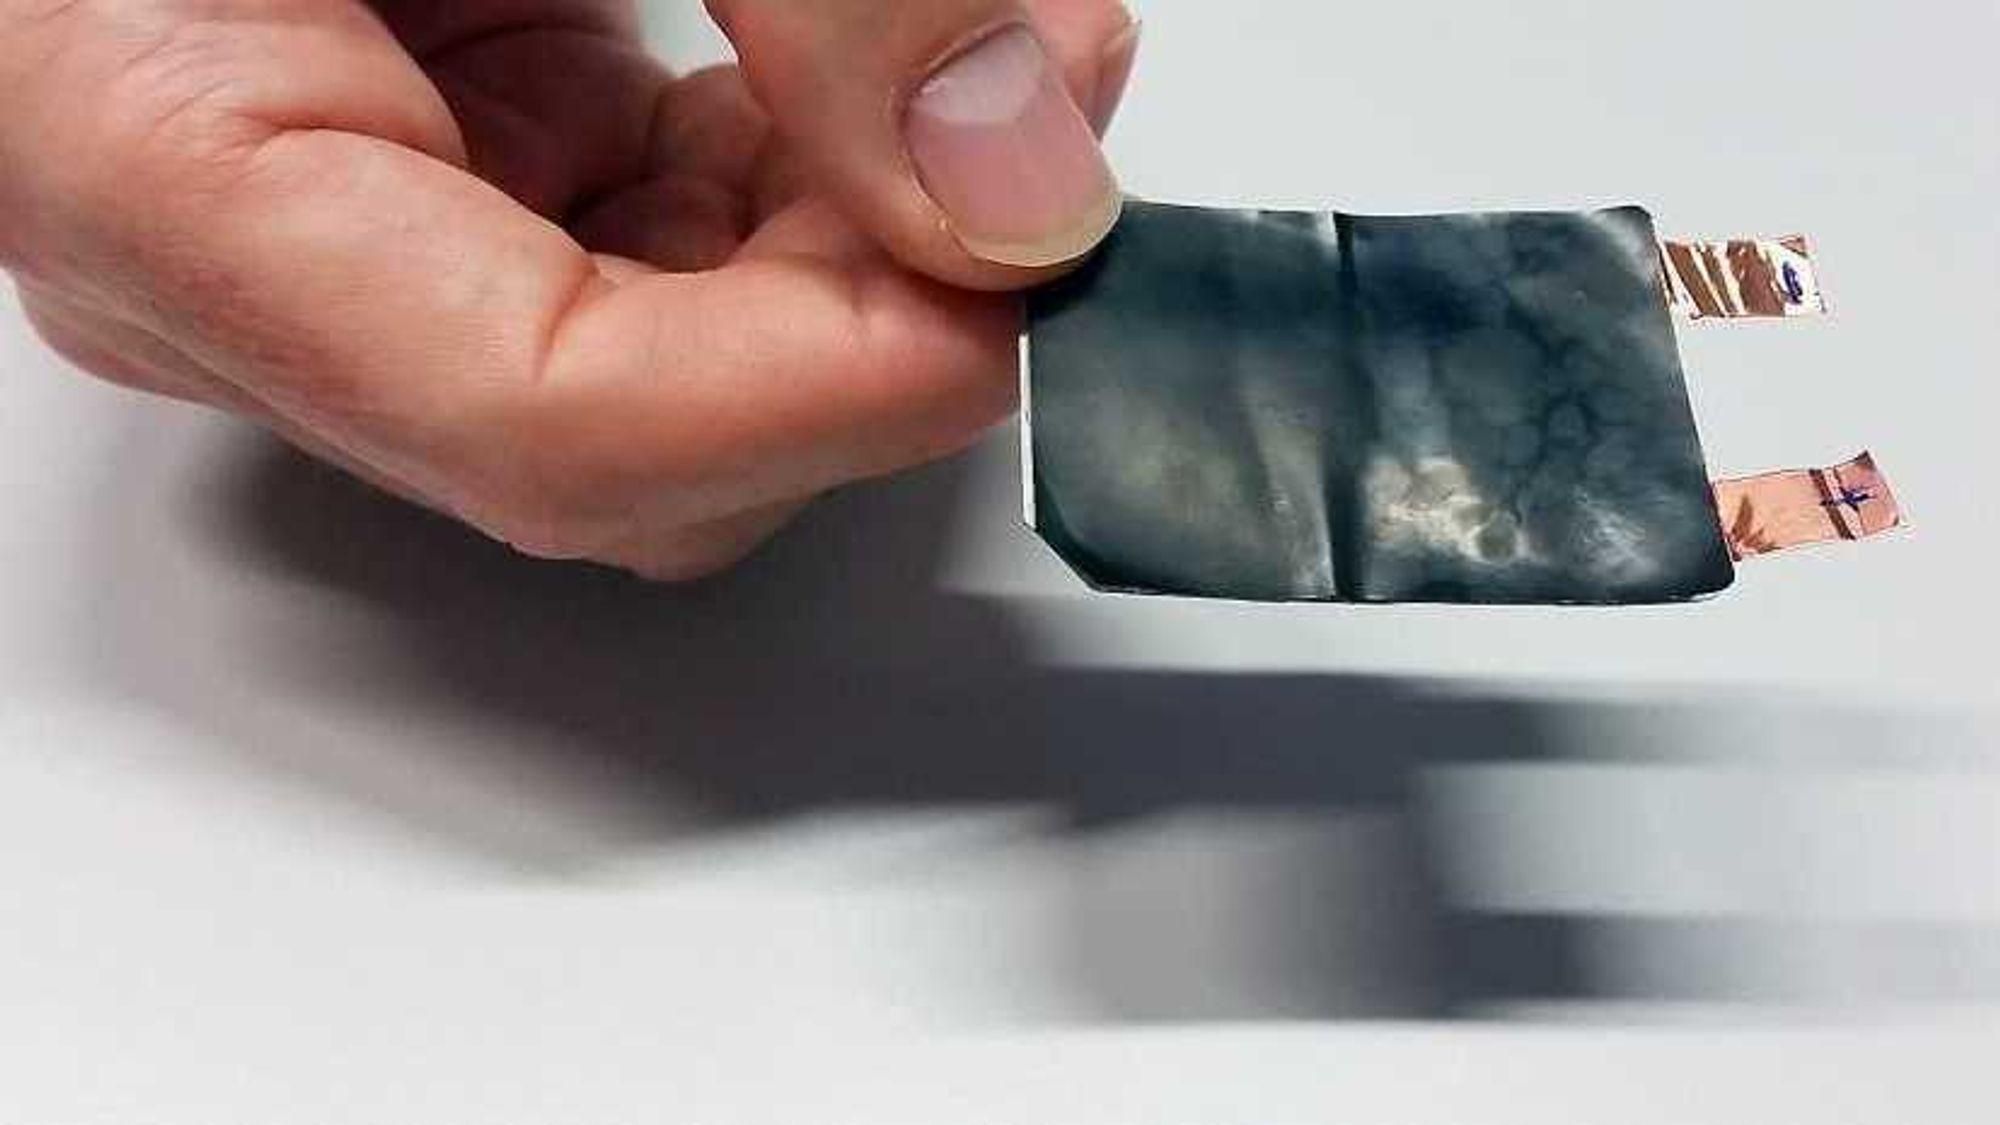 I motsetning til den flytende elektrolytten i dagens batterier, gelén i det sveitsiske batteriet verken brannfarlig eller giftig, ifølge forskerne.